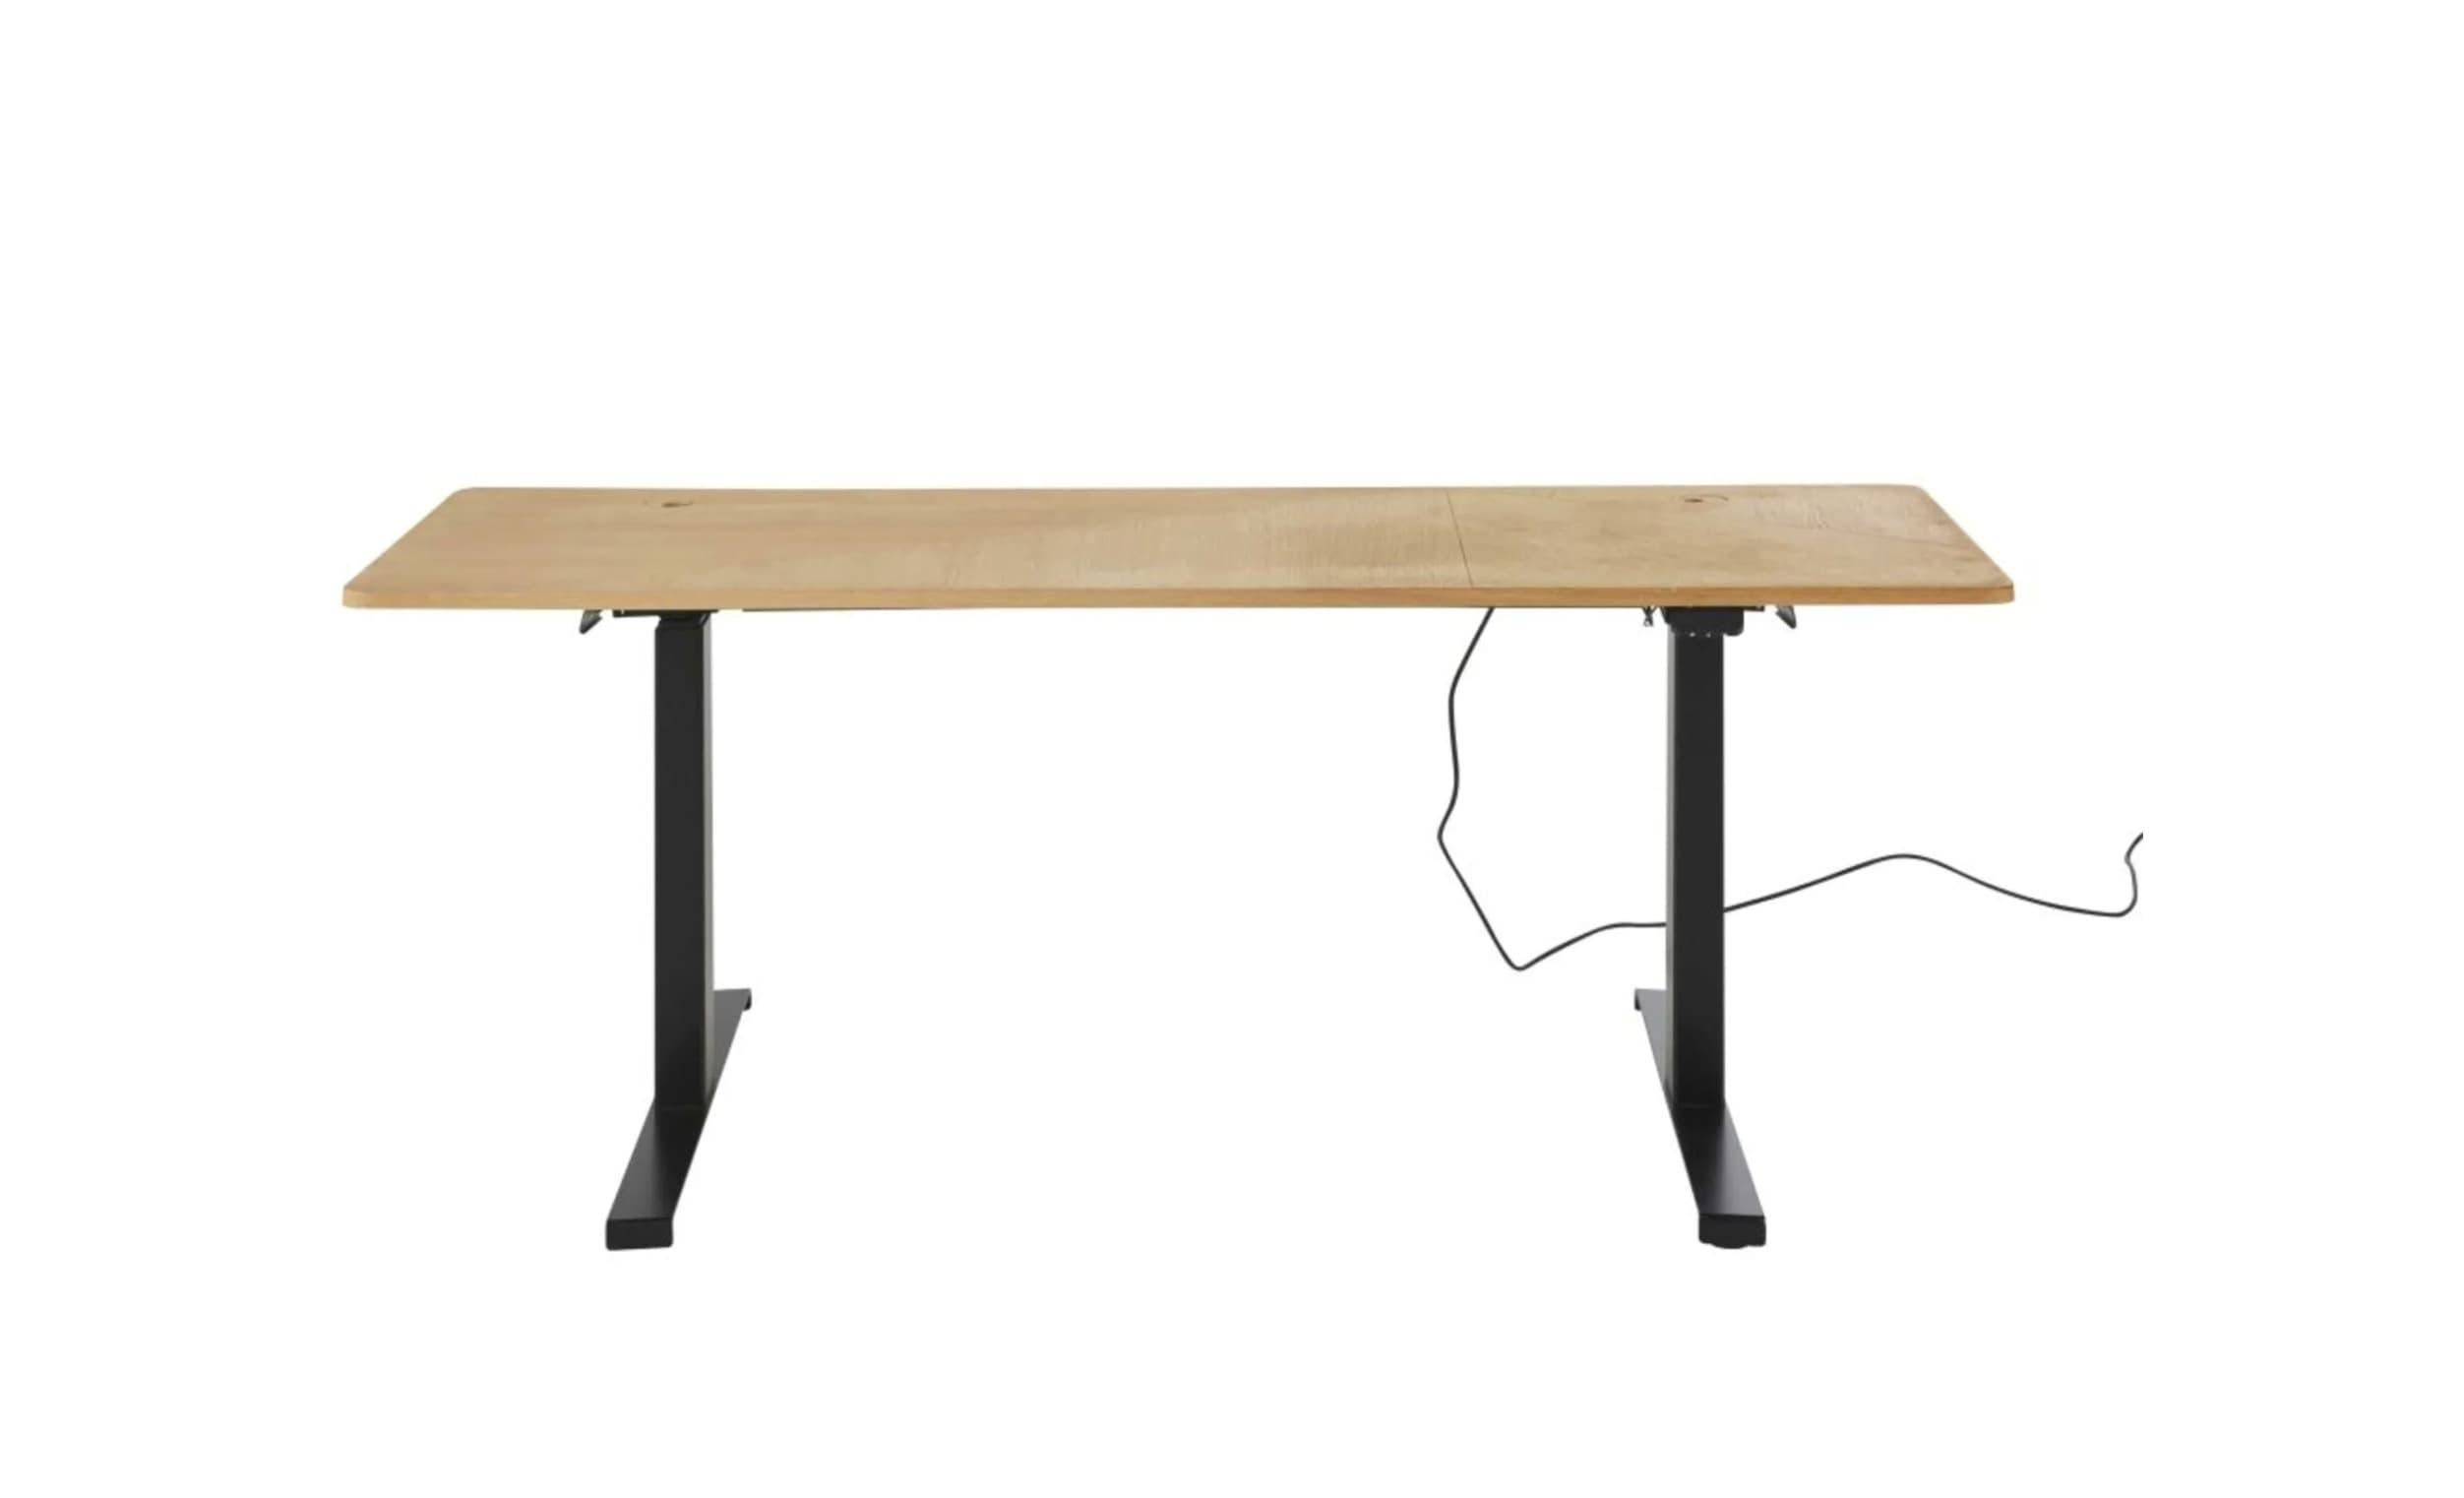 Escritorio eléctrico profesional con altura regulable (62-126 cm) para utilizar con silla o de pie